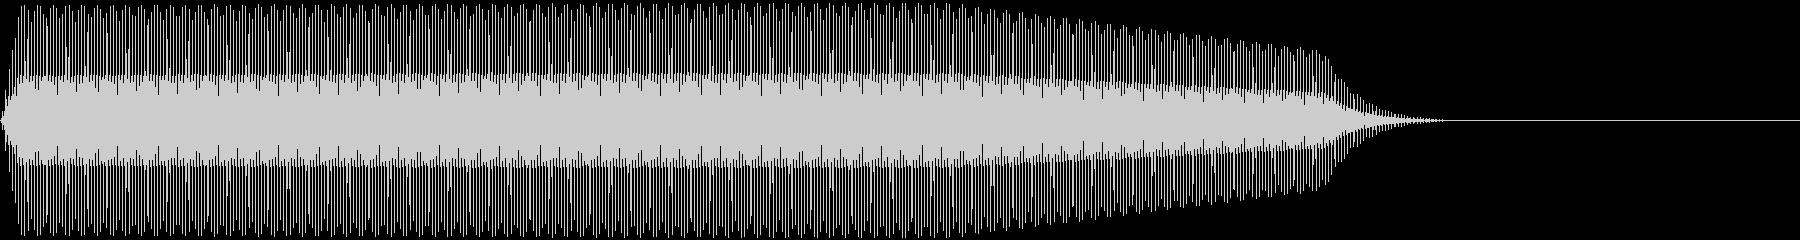 DENSHION ハイトーンな電子音 4の未再生の波形